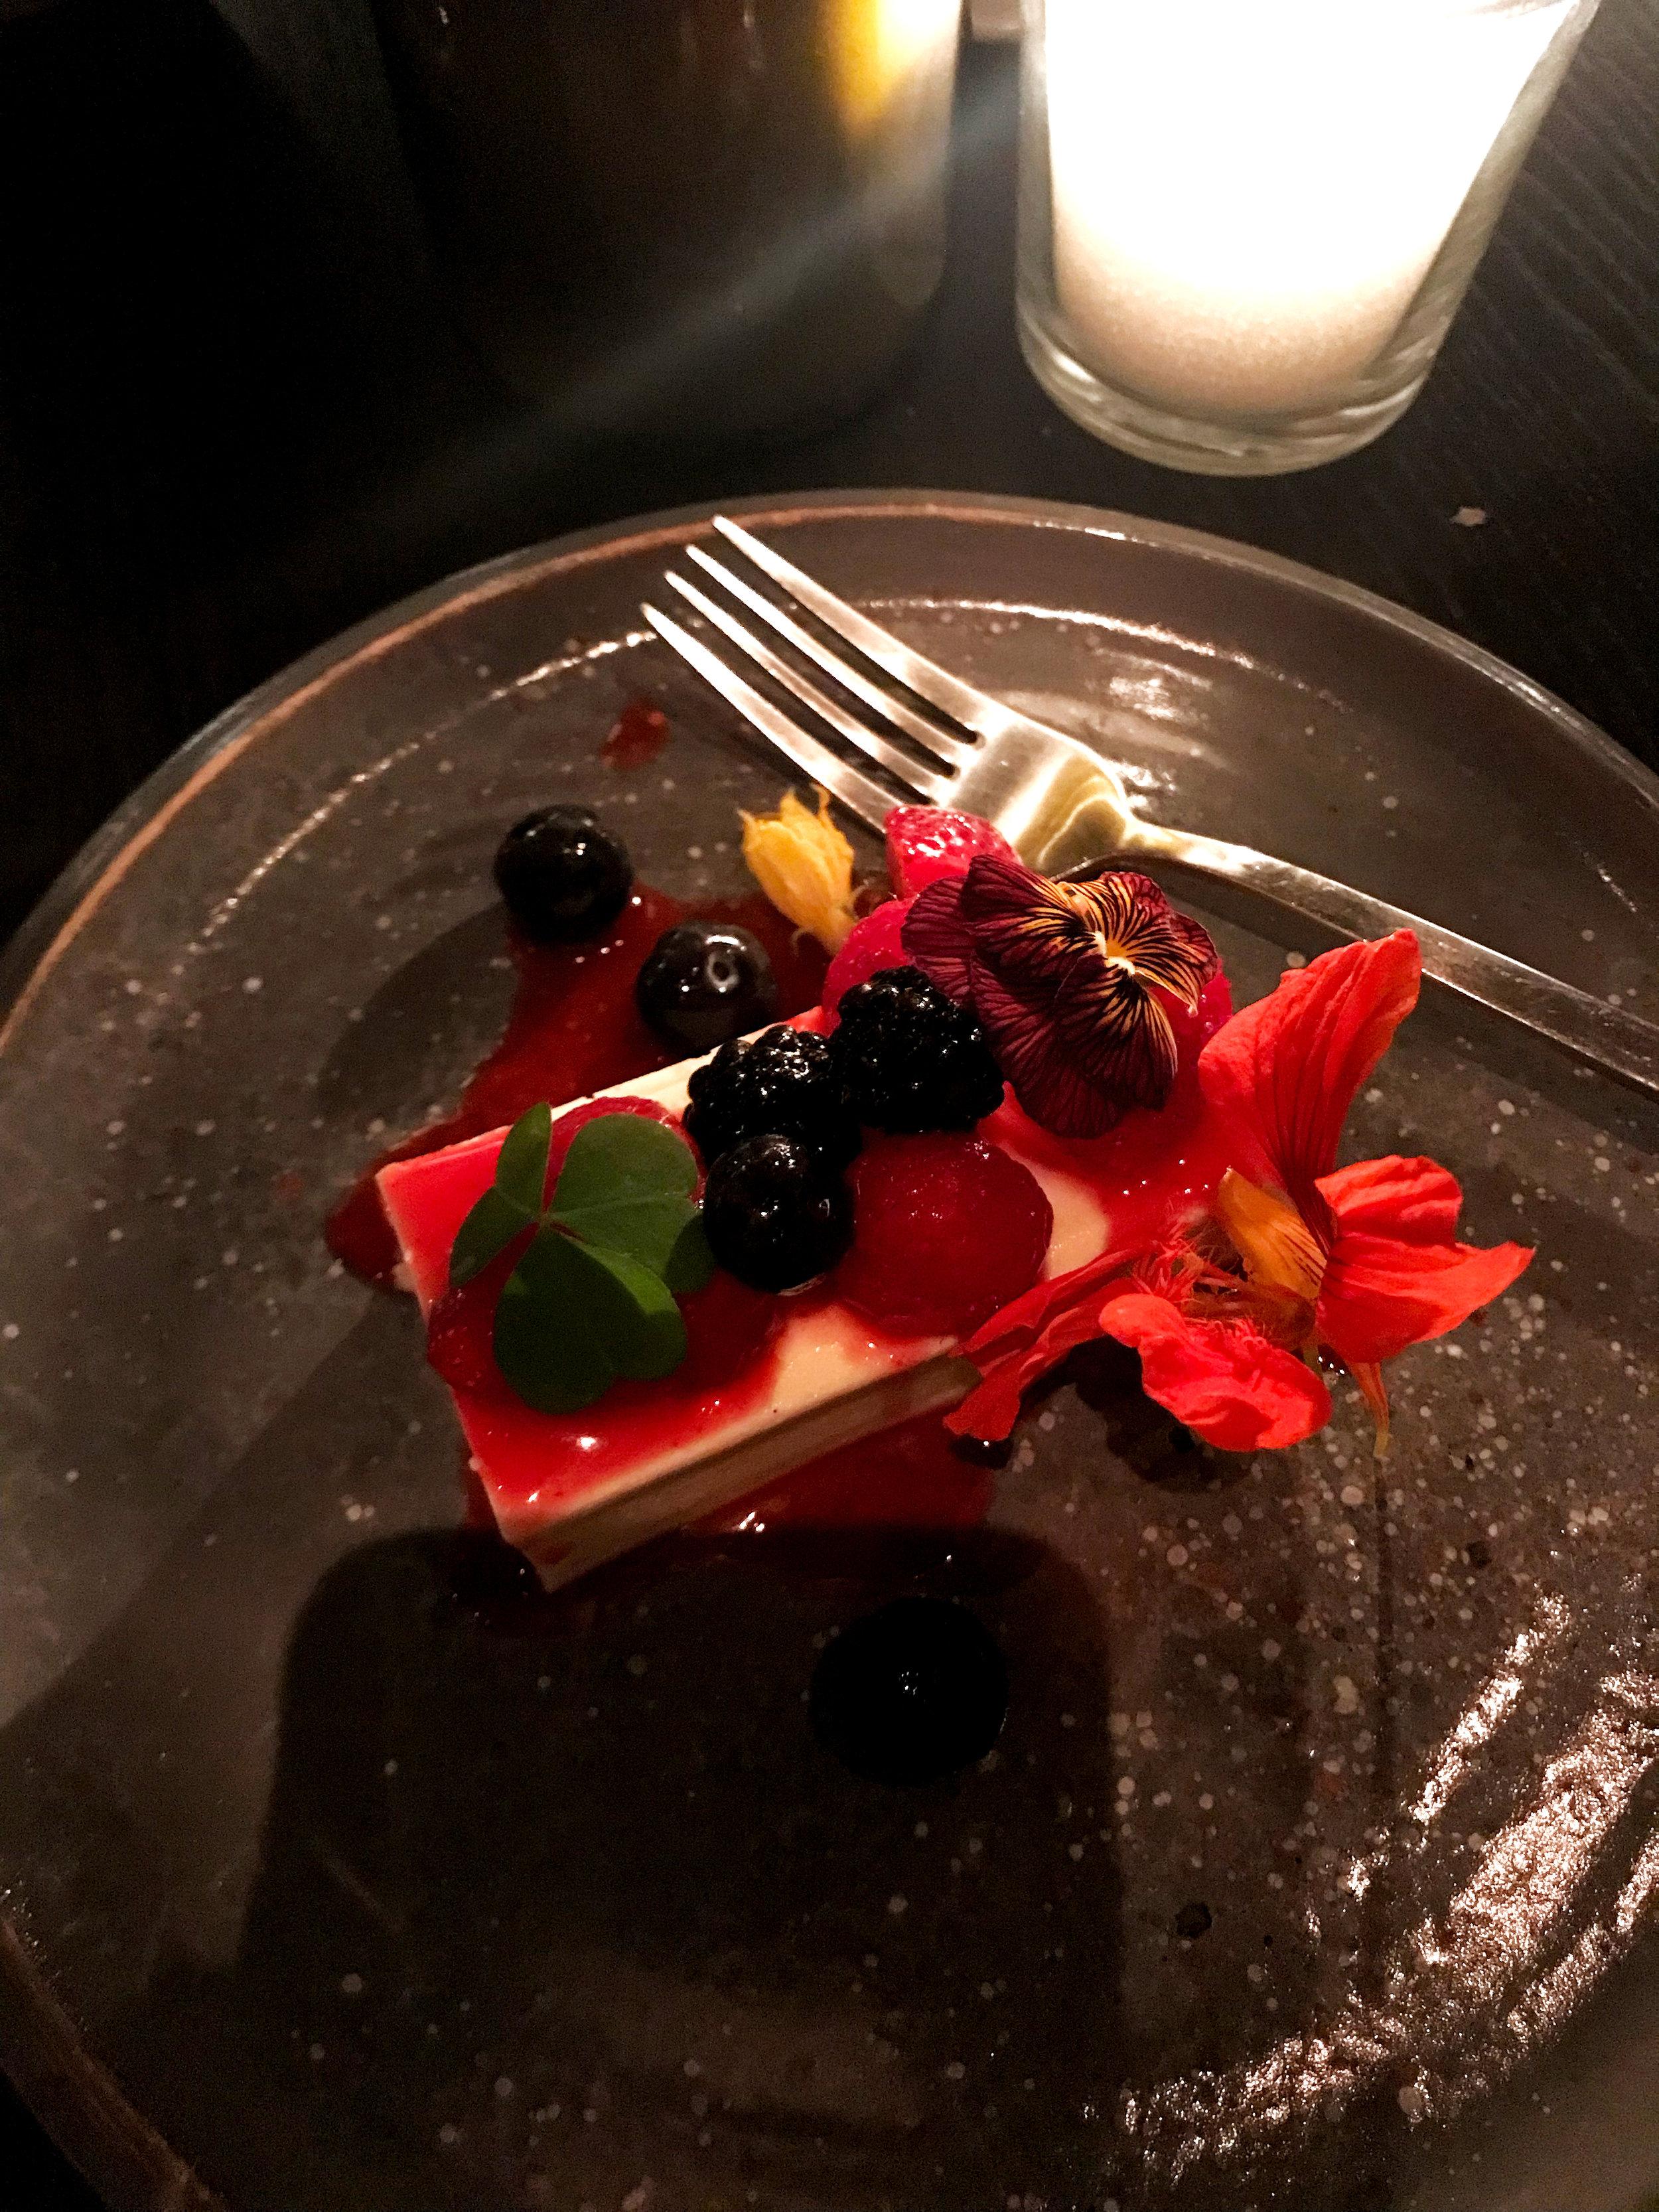 Сливочно-ванильный мусс в ресторане Blanc